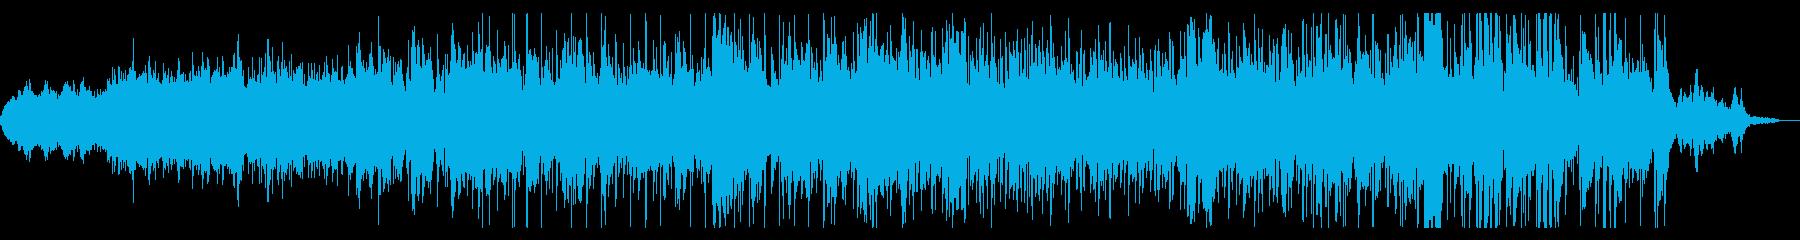 ダークでグリッジなシネマティックBGMの再生済みの波形